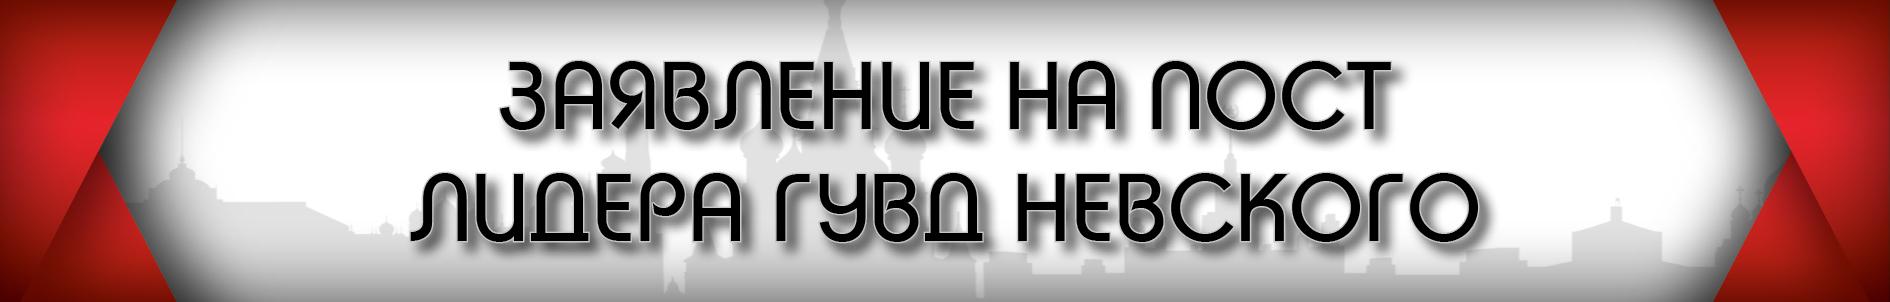 Картинки по запросу Заявление на пост лидера ГУВД Невского